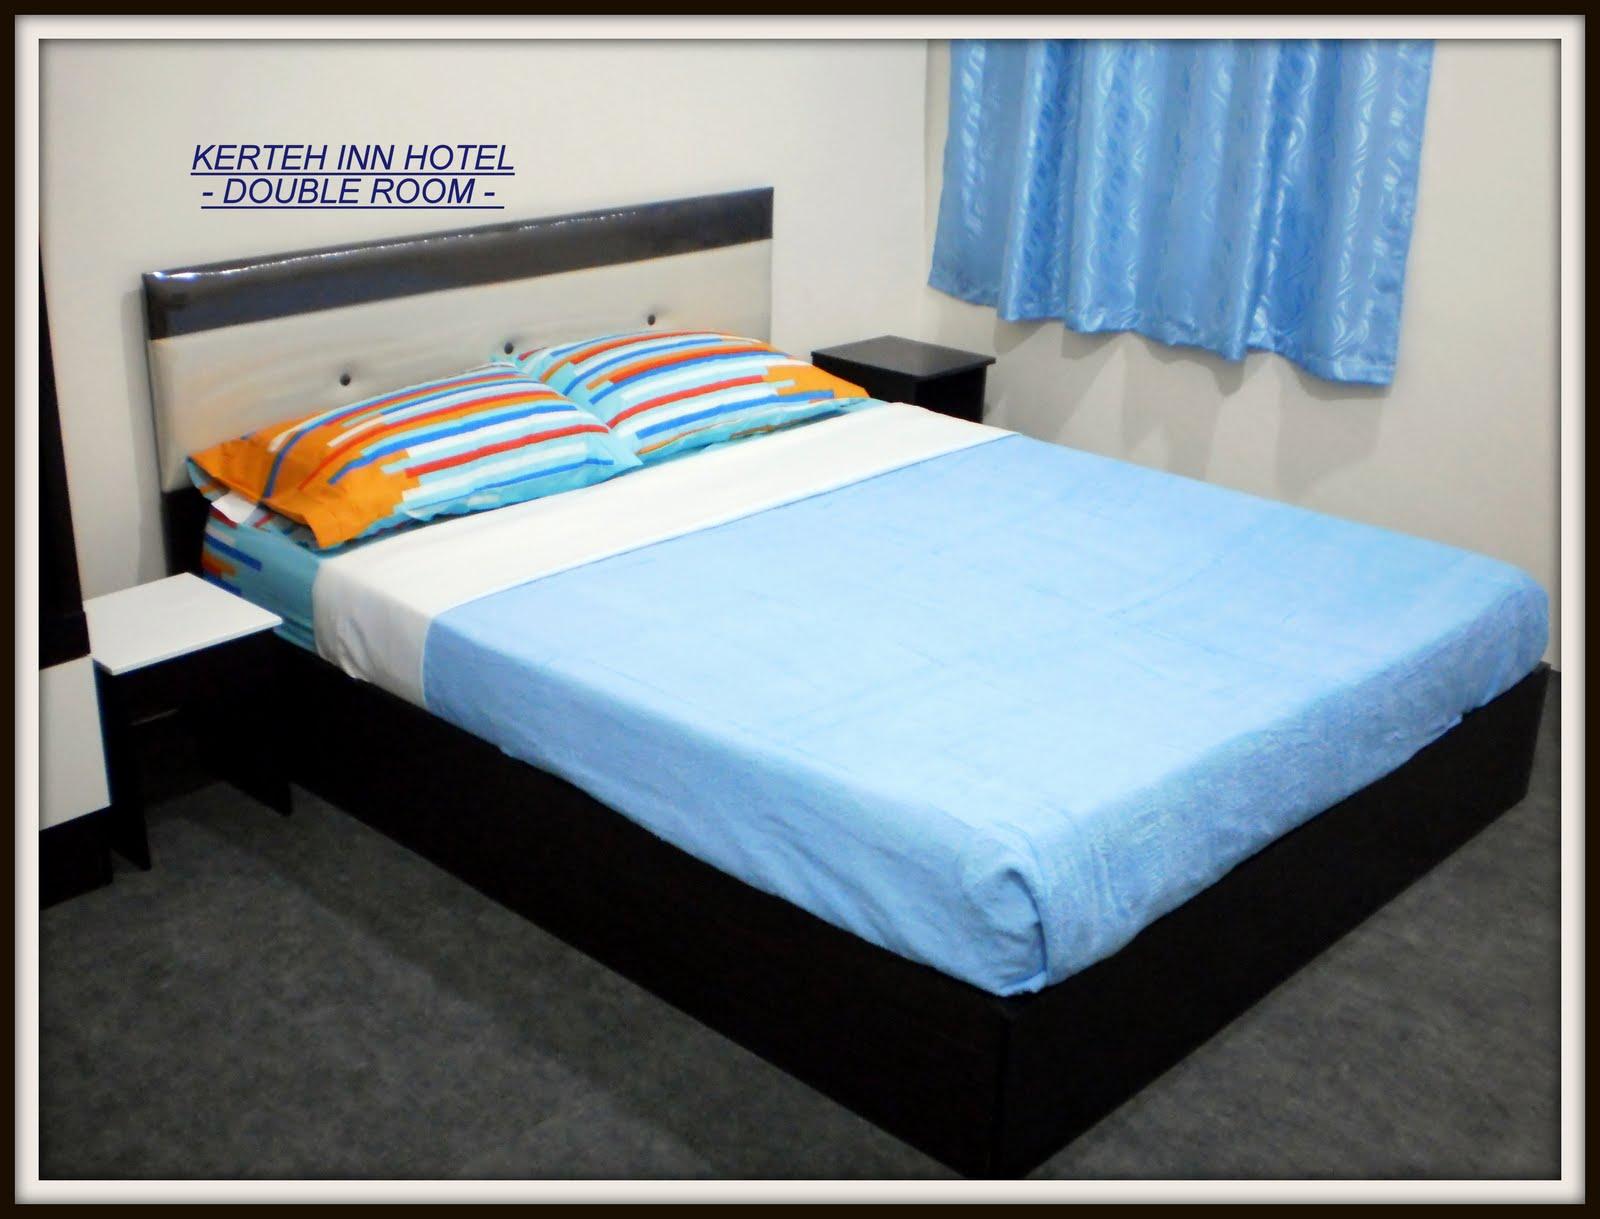 Kerteh Inn Hotel Kerteh Inn Double Room